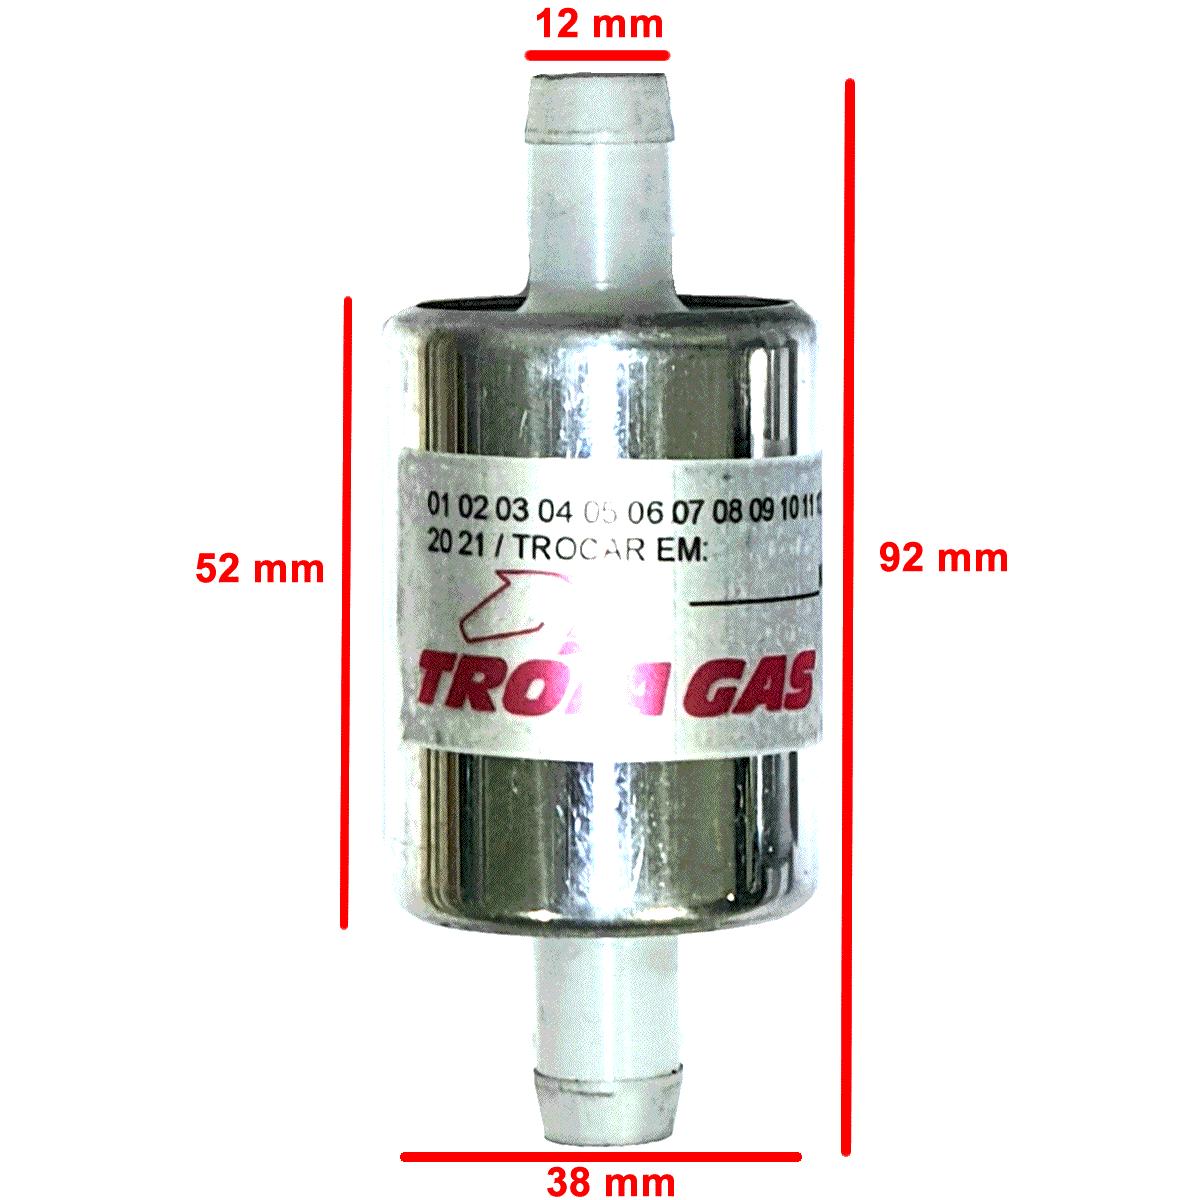 2 Filtros GNV  12 mm TROIAGAS 5ª e 6ª geração protege bicos kits gás